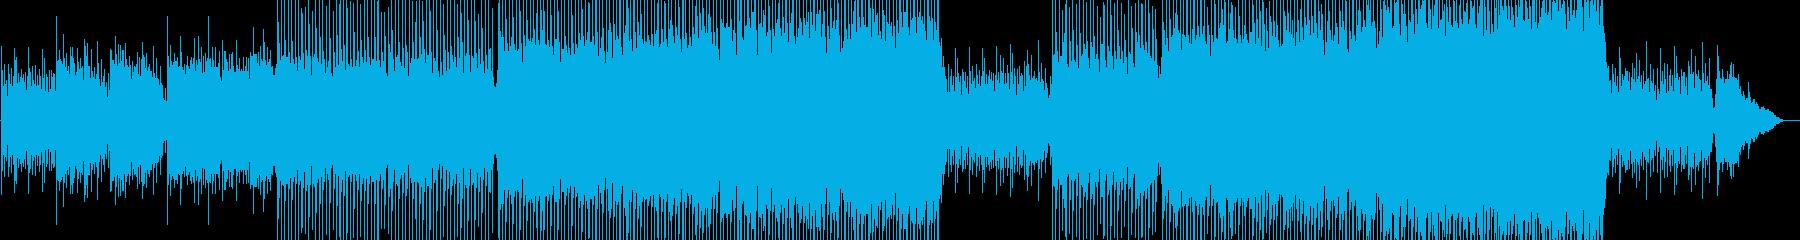 爽やかなピアノ木管ストリングス 8ビートの再生済みの波形